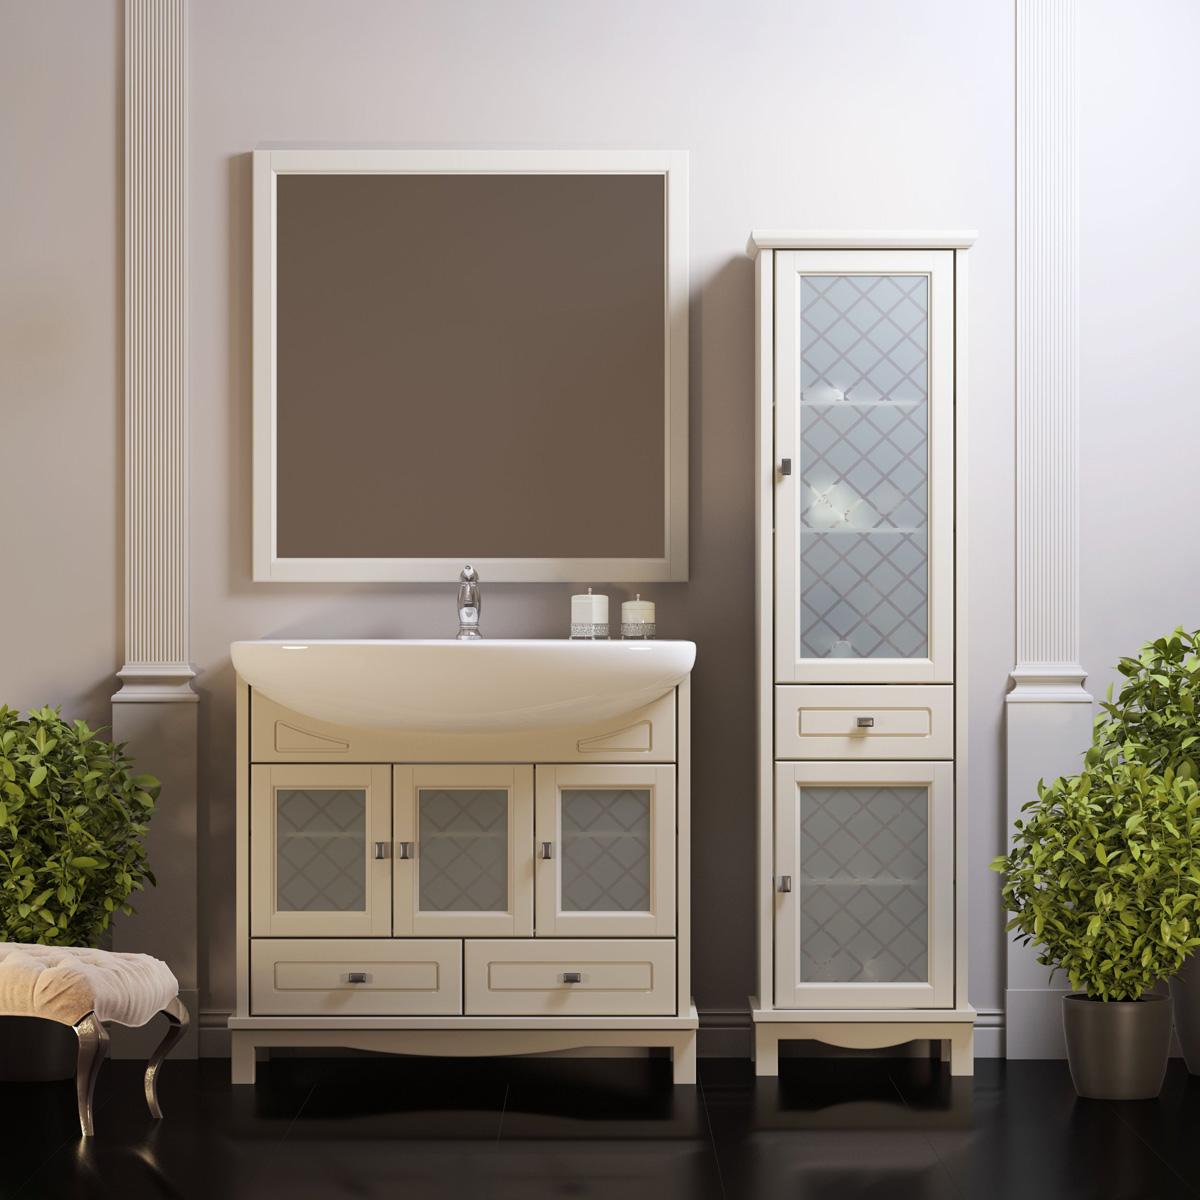 Шкаф в стиле прованс для ванной